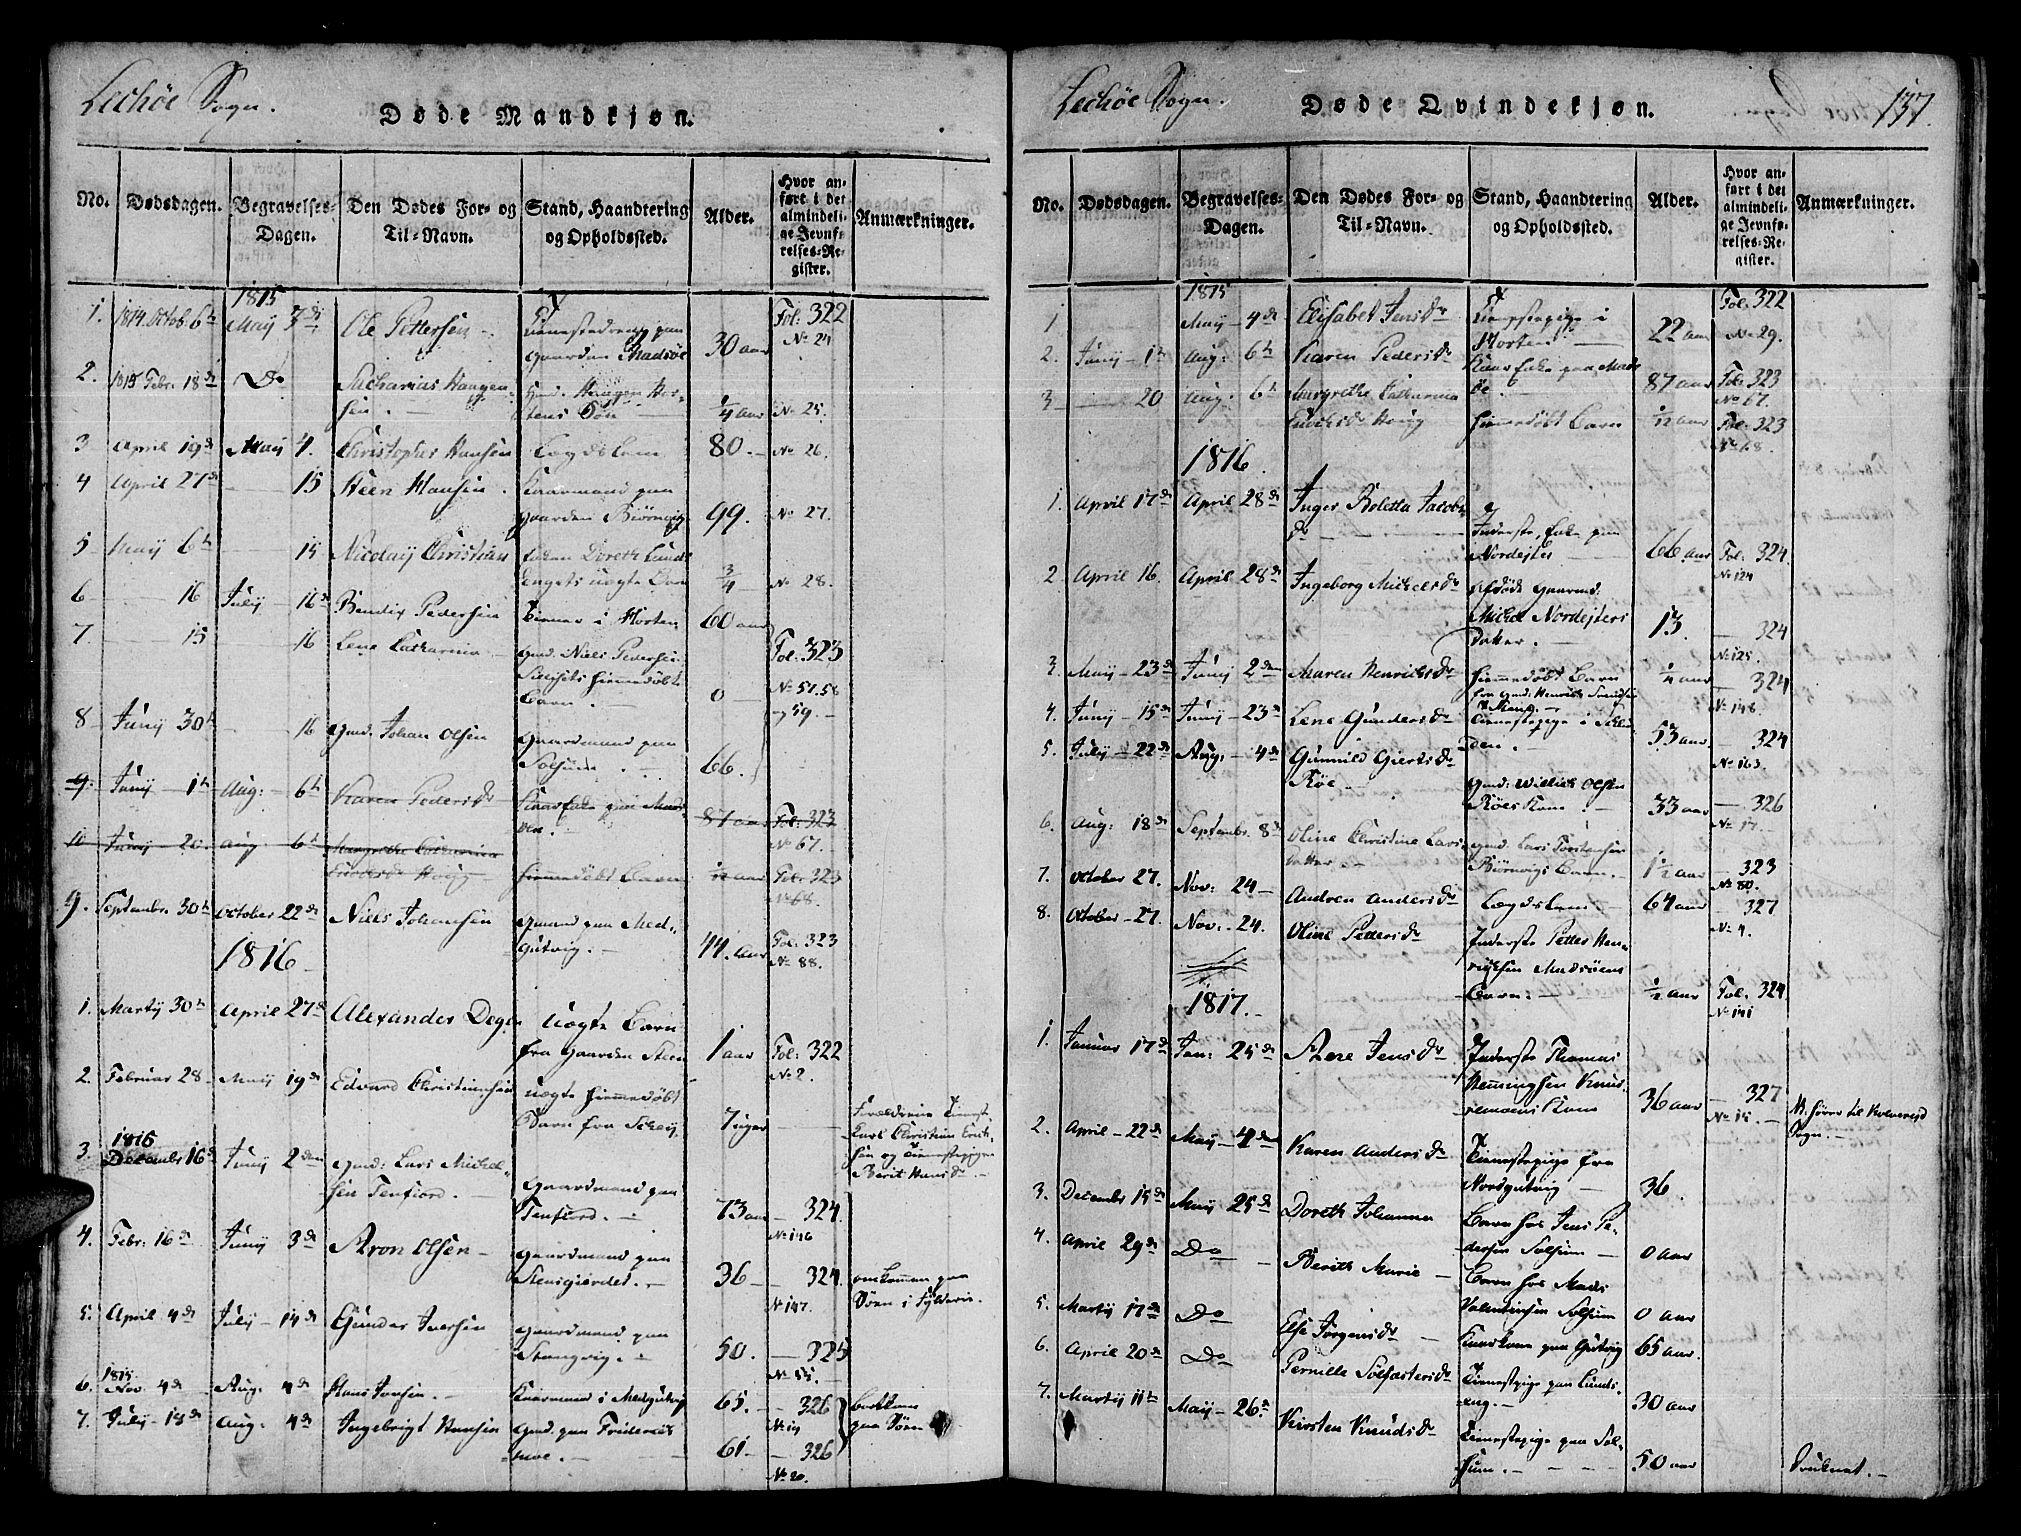 SAT, Ministerialprotokoller, klokkerbøker og fødselsregistre - Nord-Trøndelag, 780/L0636: Ministerialbok nr. 780A03 /2, 1815-1829, s. 137